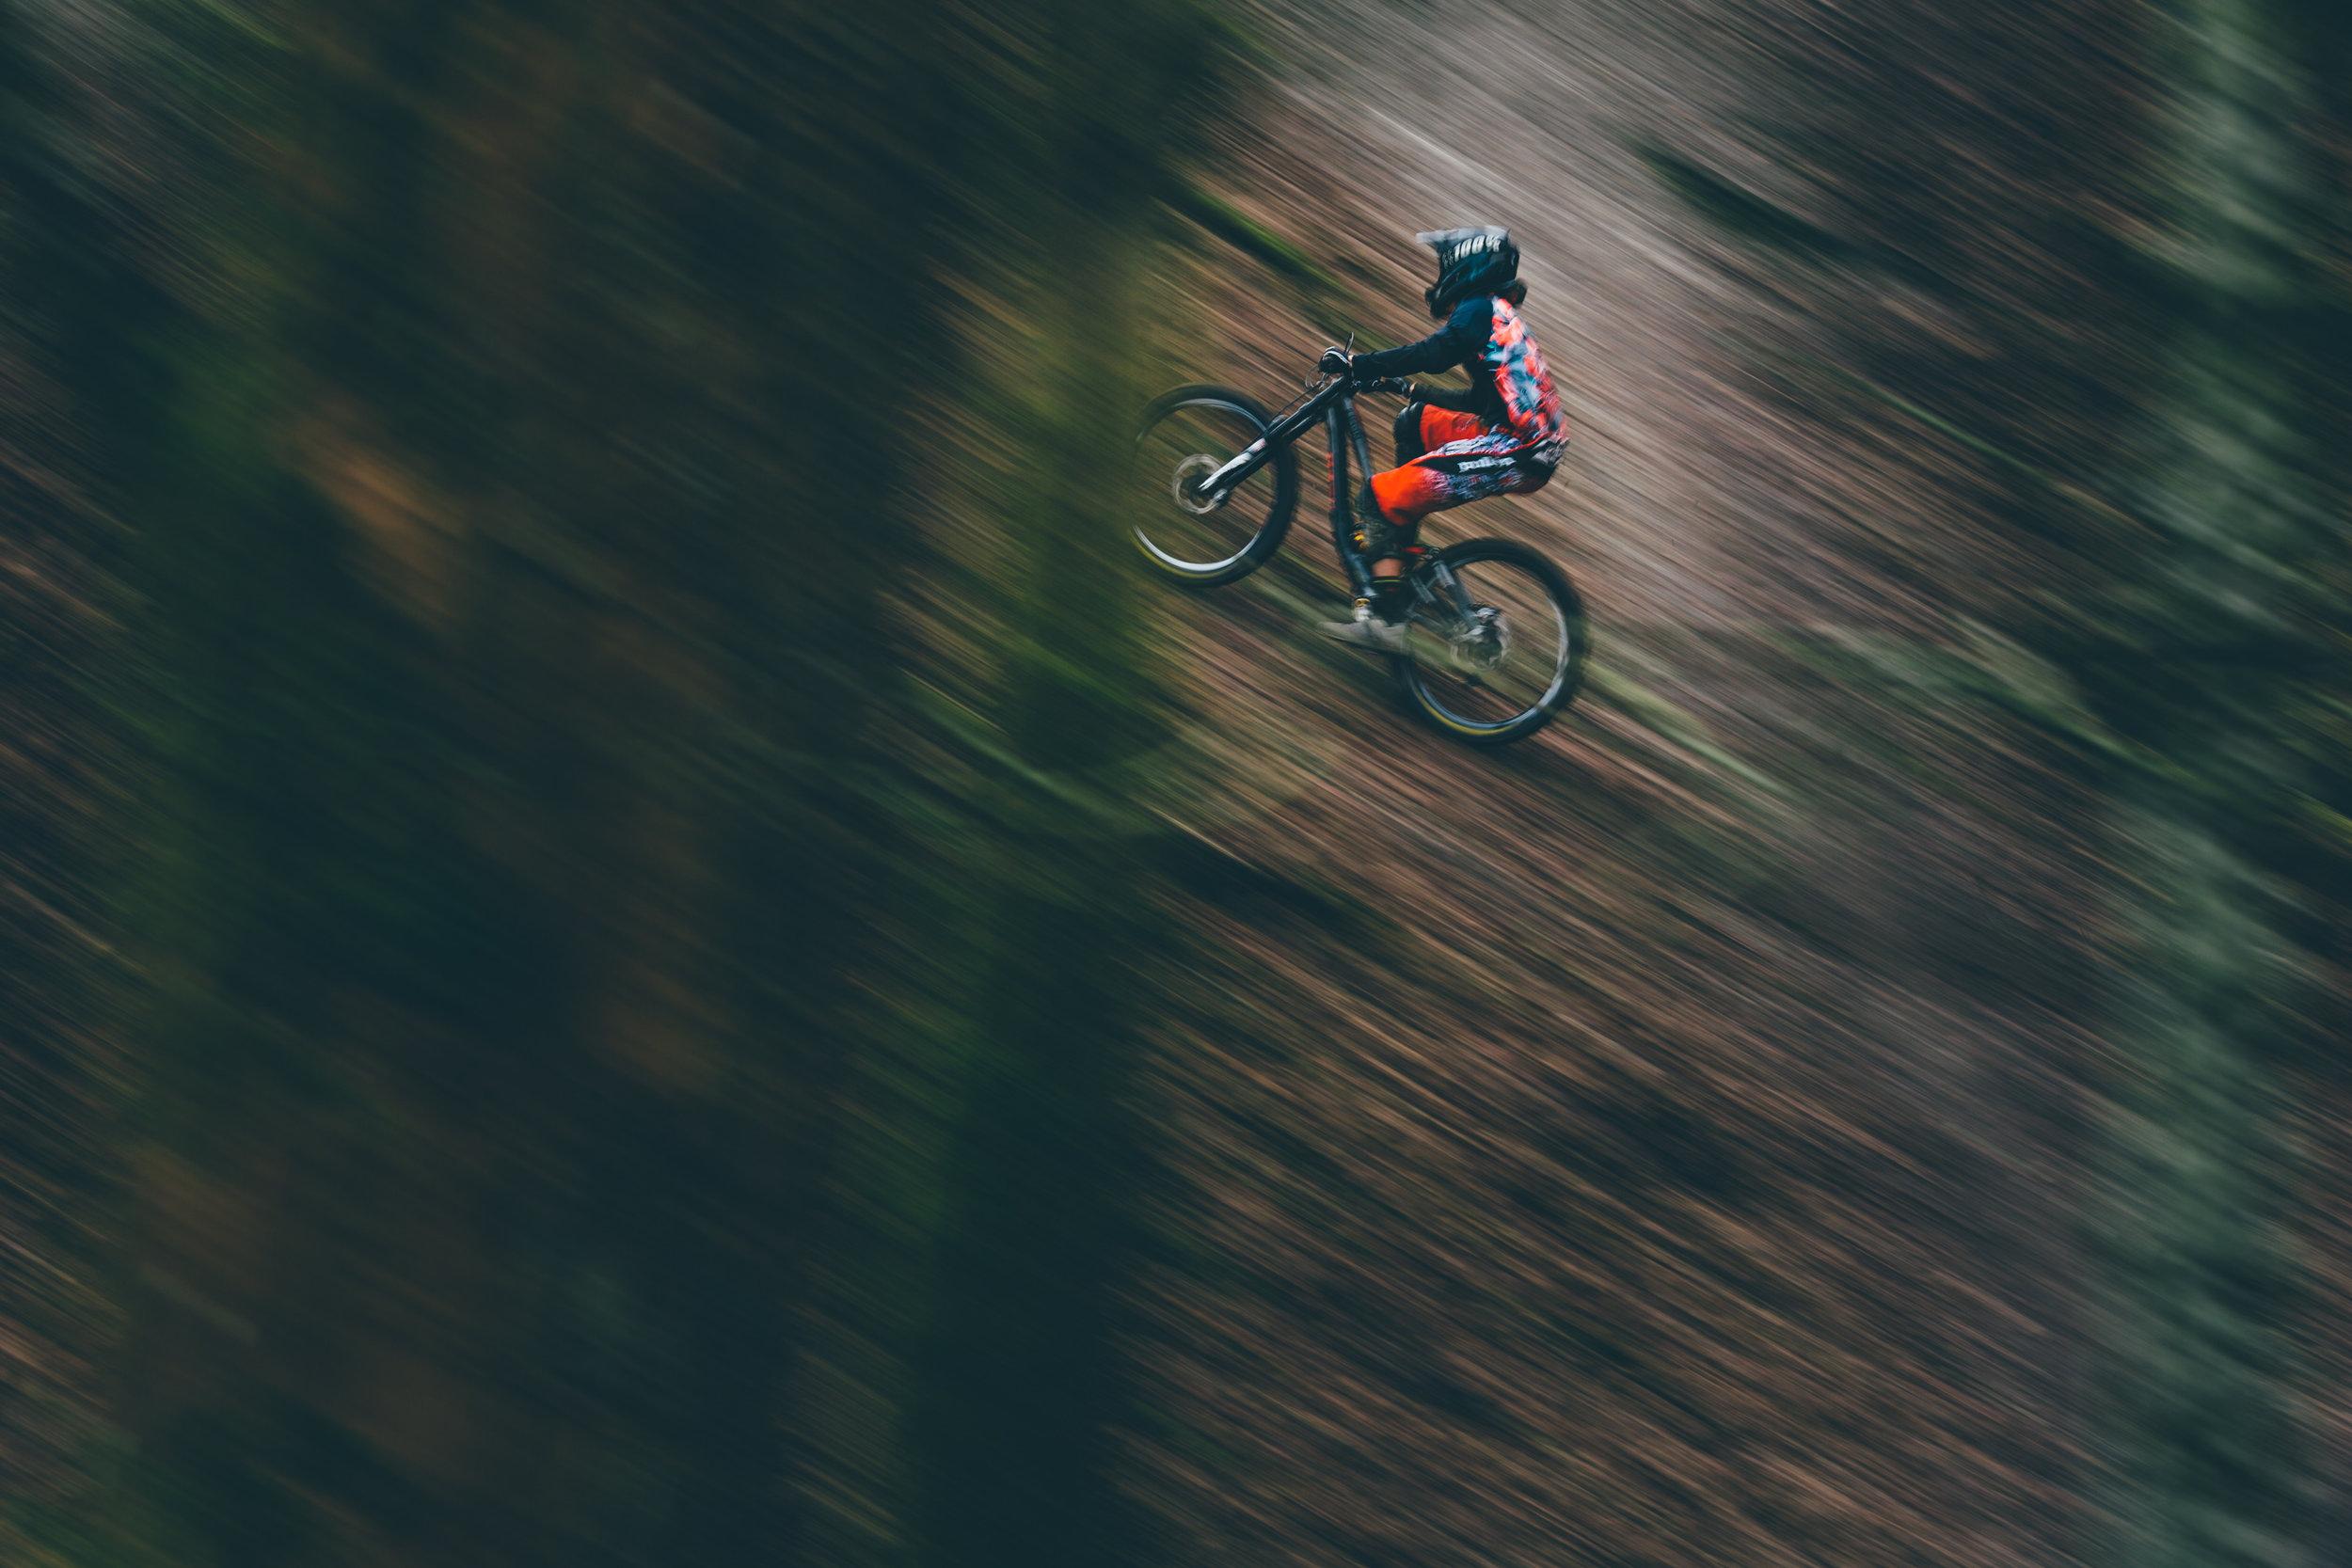 BenReadPhotography_MountainBike_UK_1-8.jpg